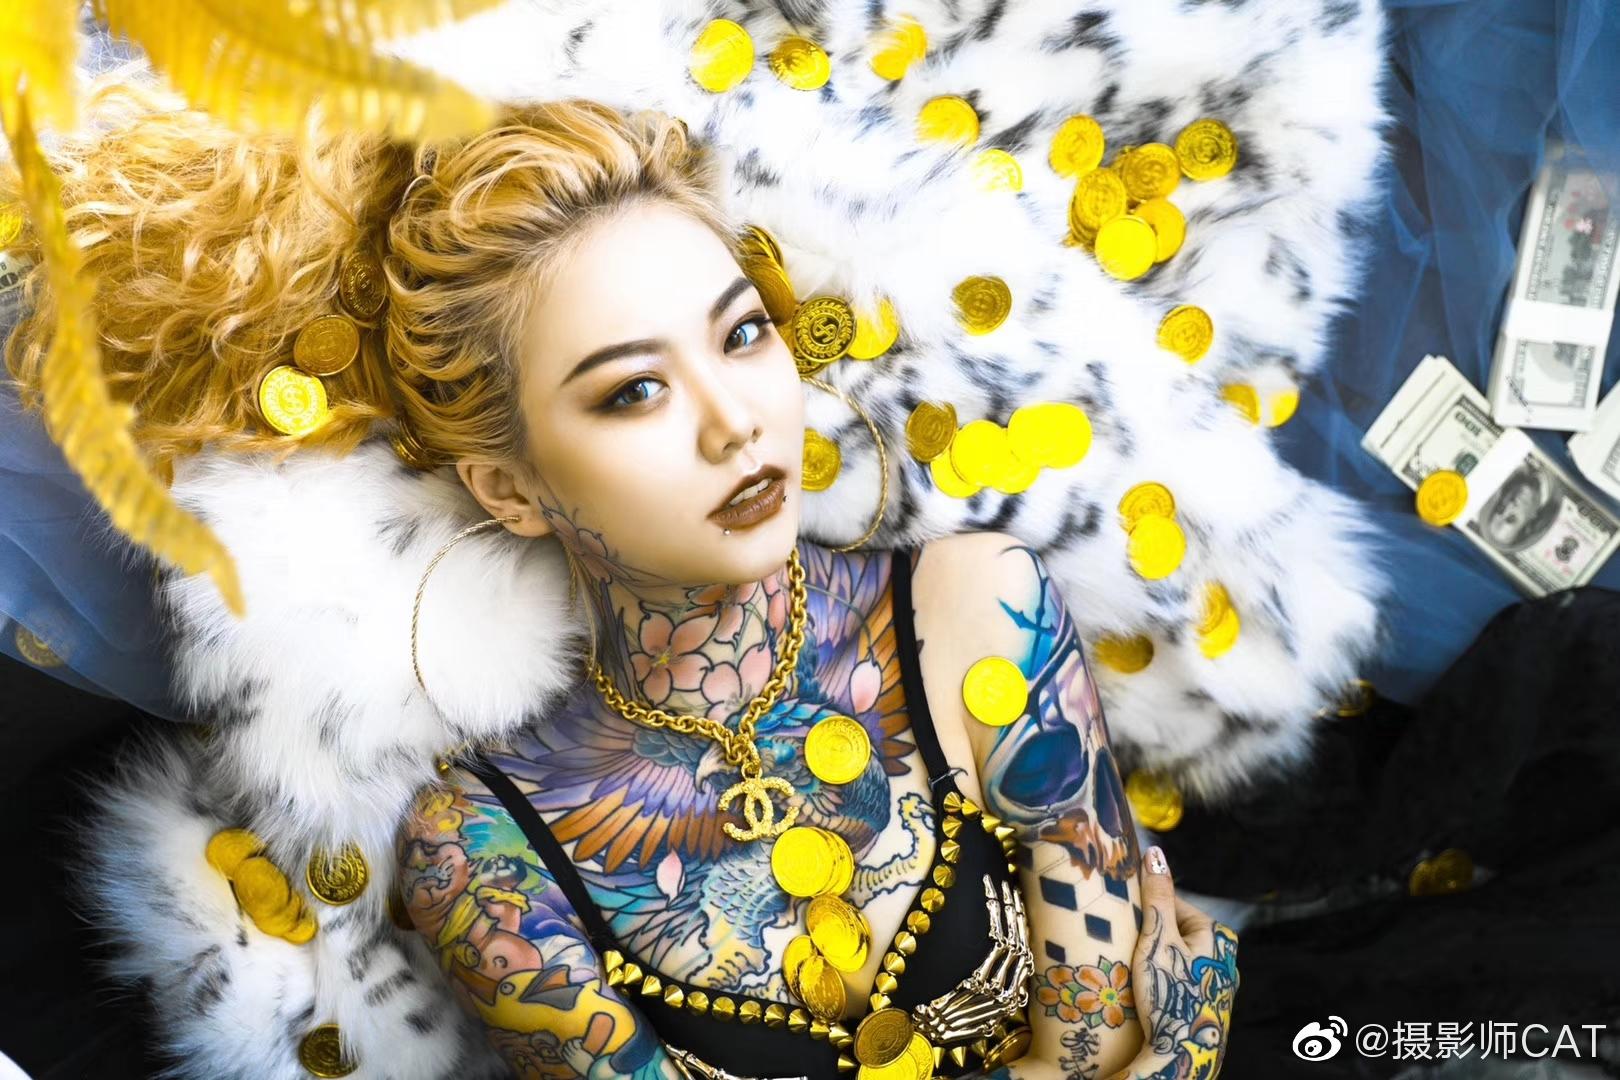 超级有范儿and专业的女纹身师 沧海刺青@沧海刺青MengY 纹身穿